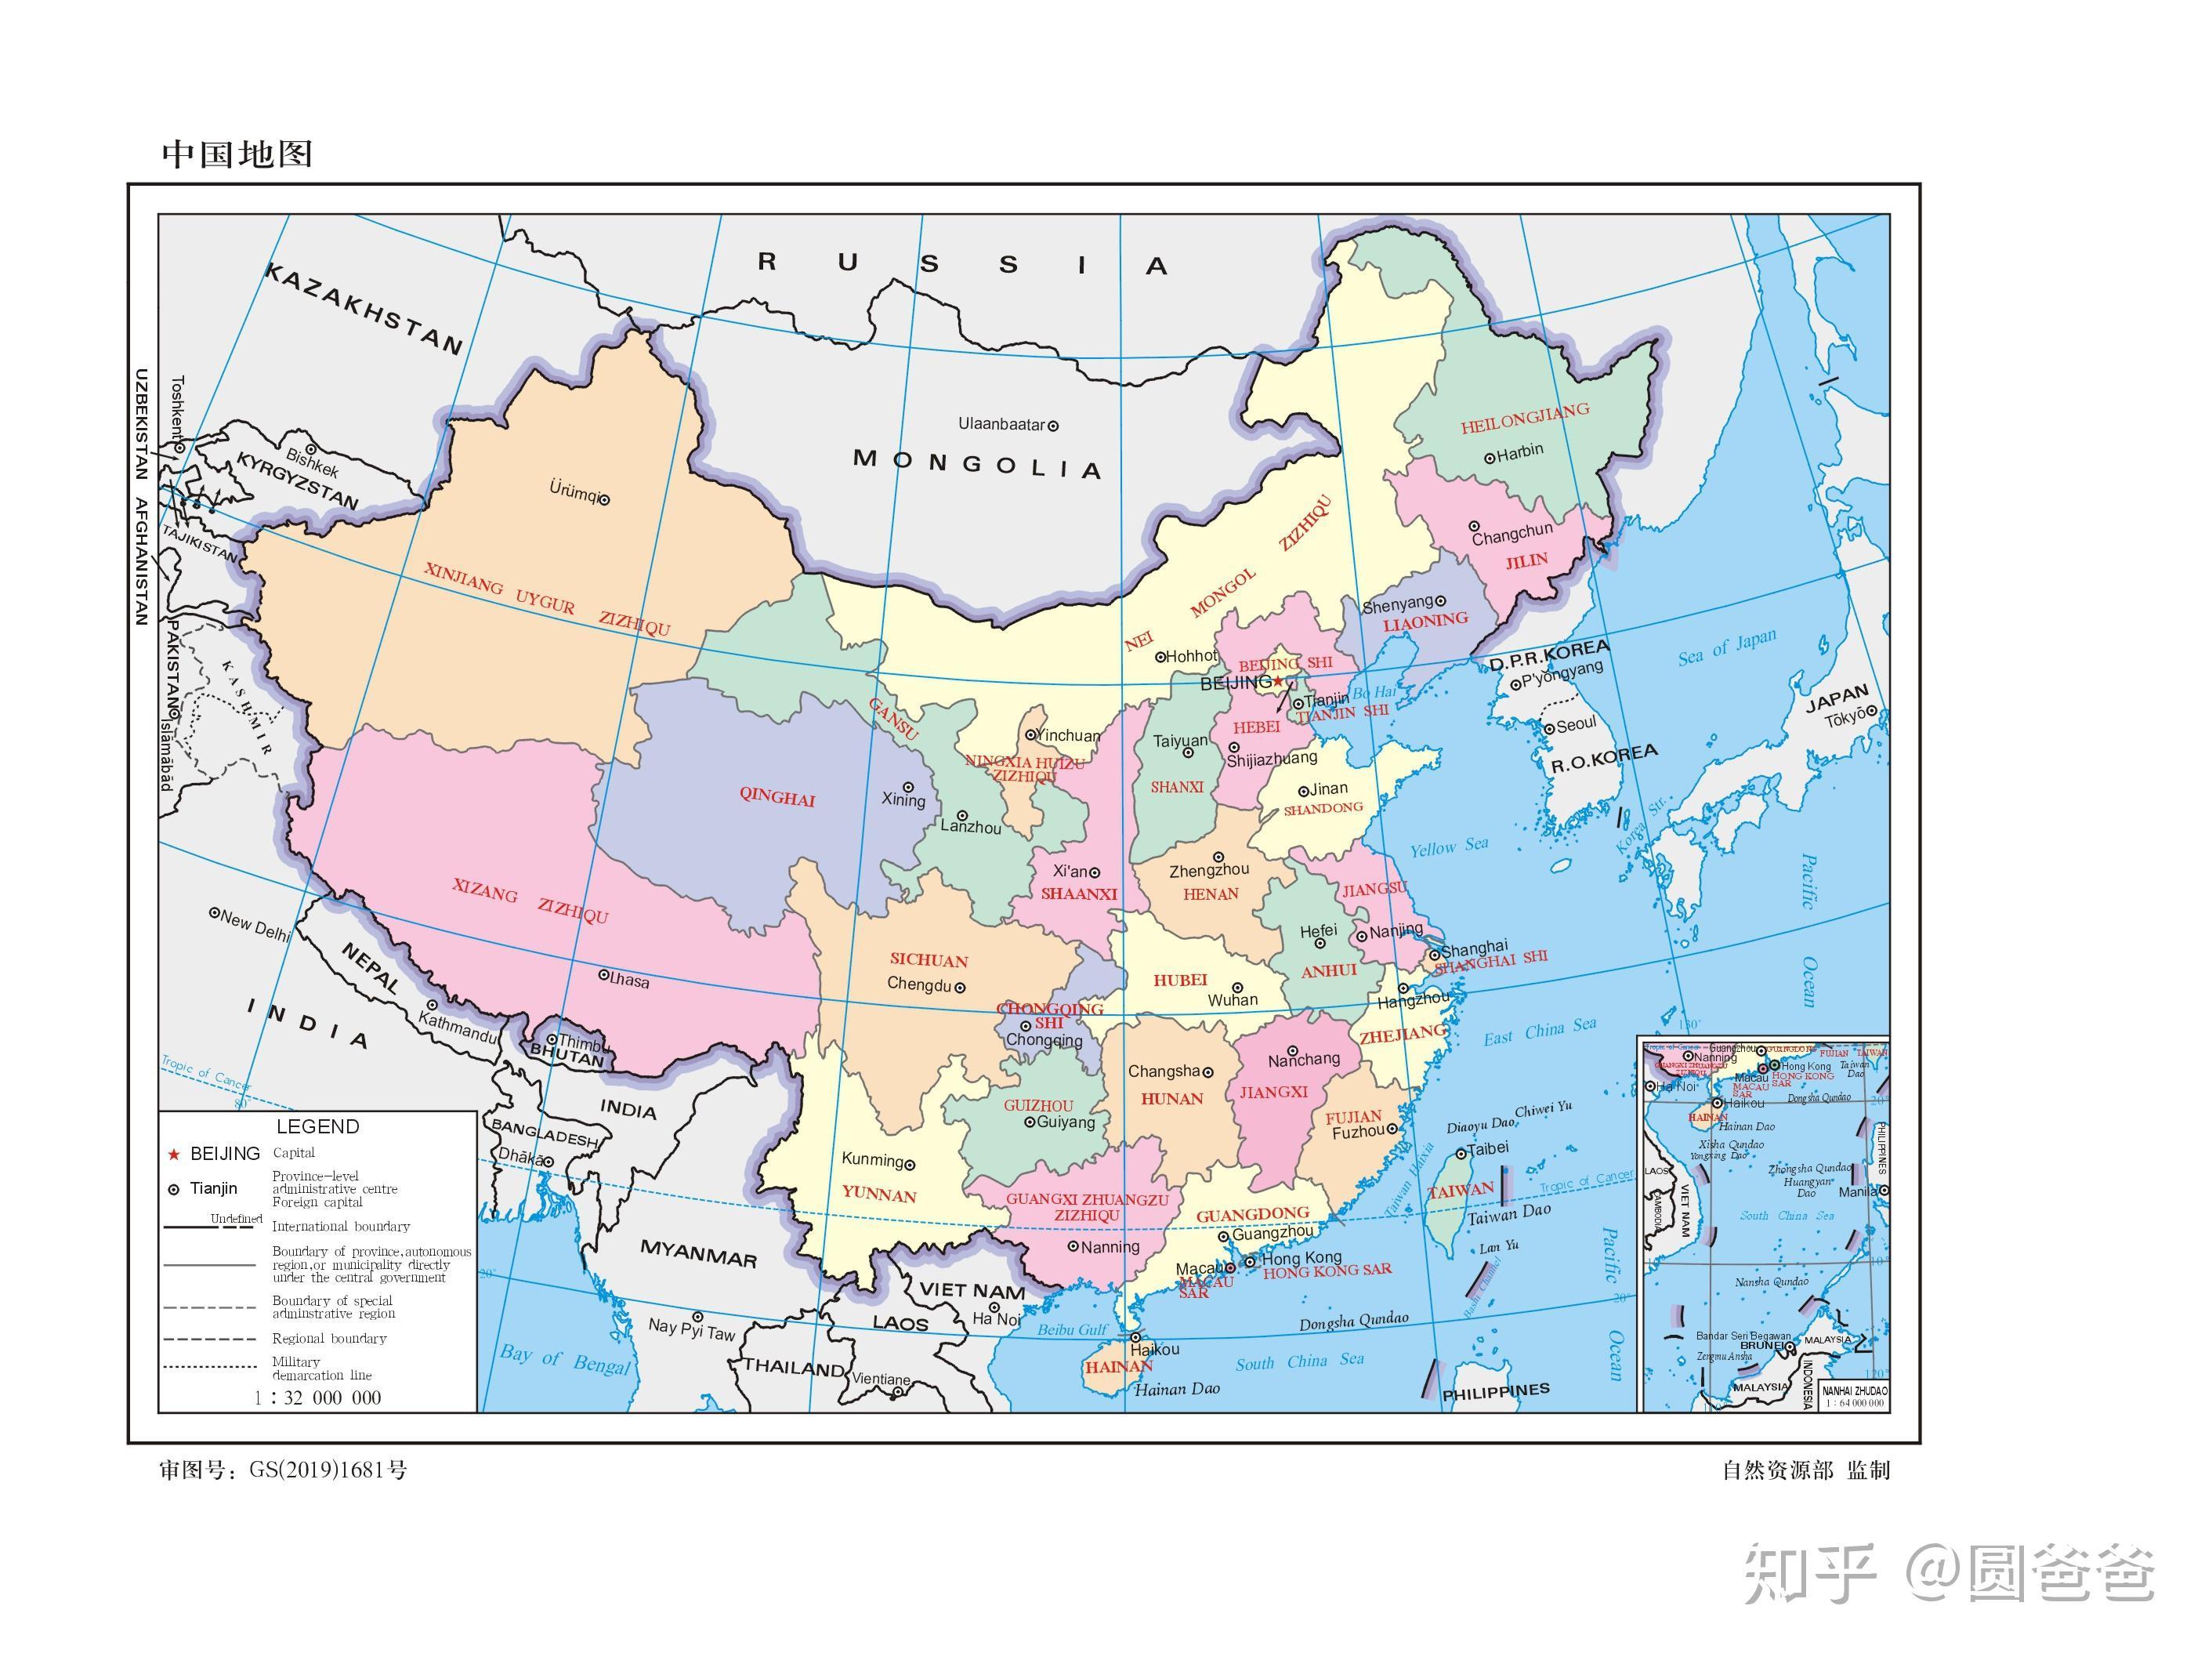 美国 地图 英文 版